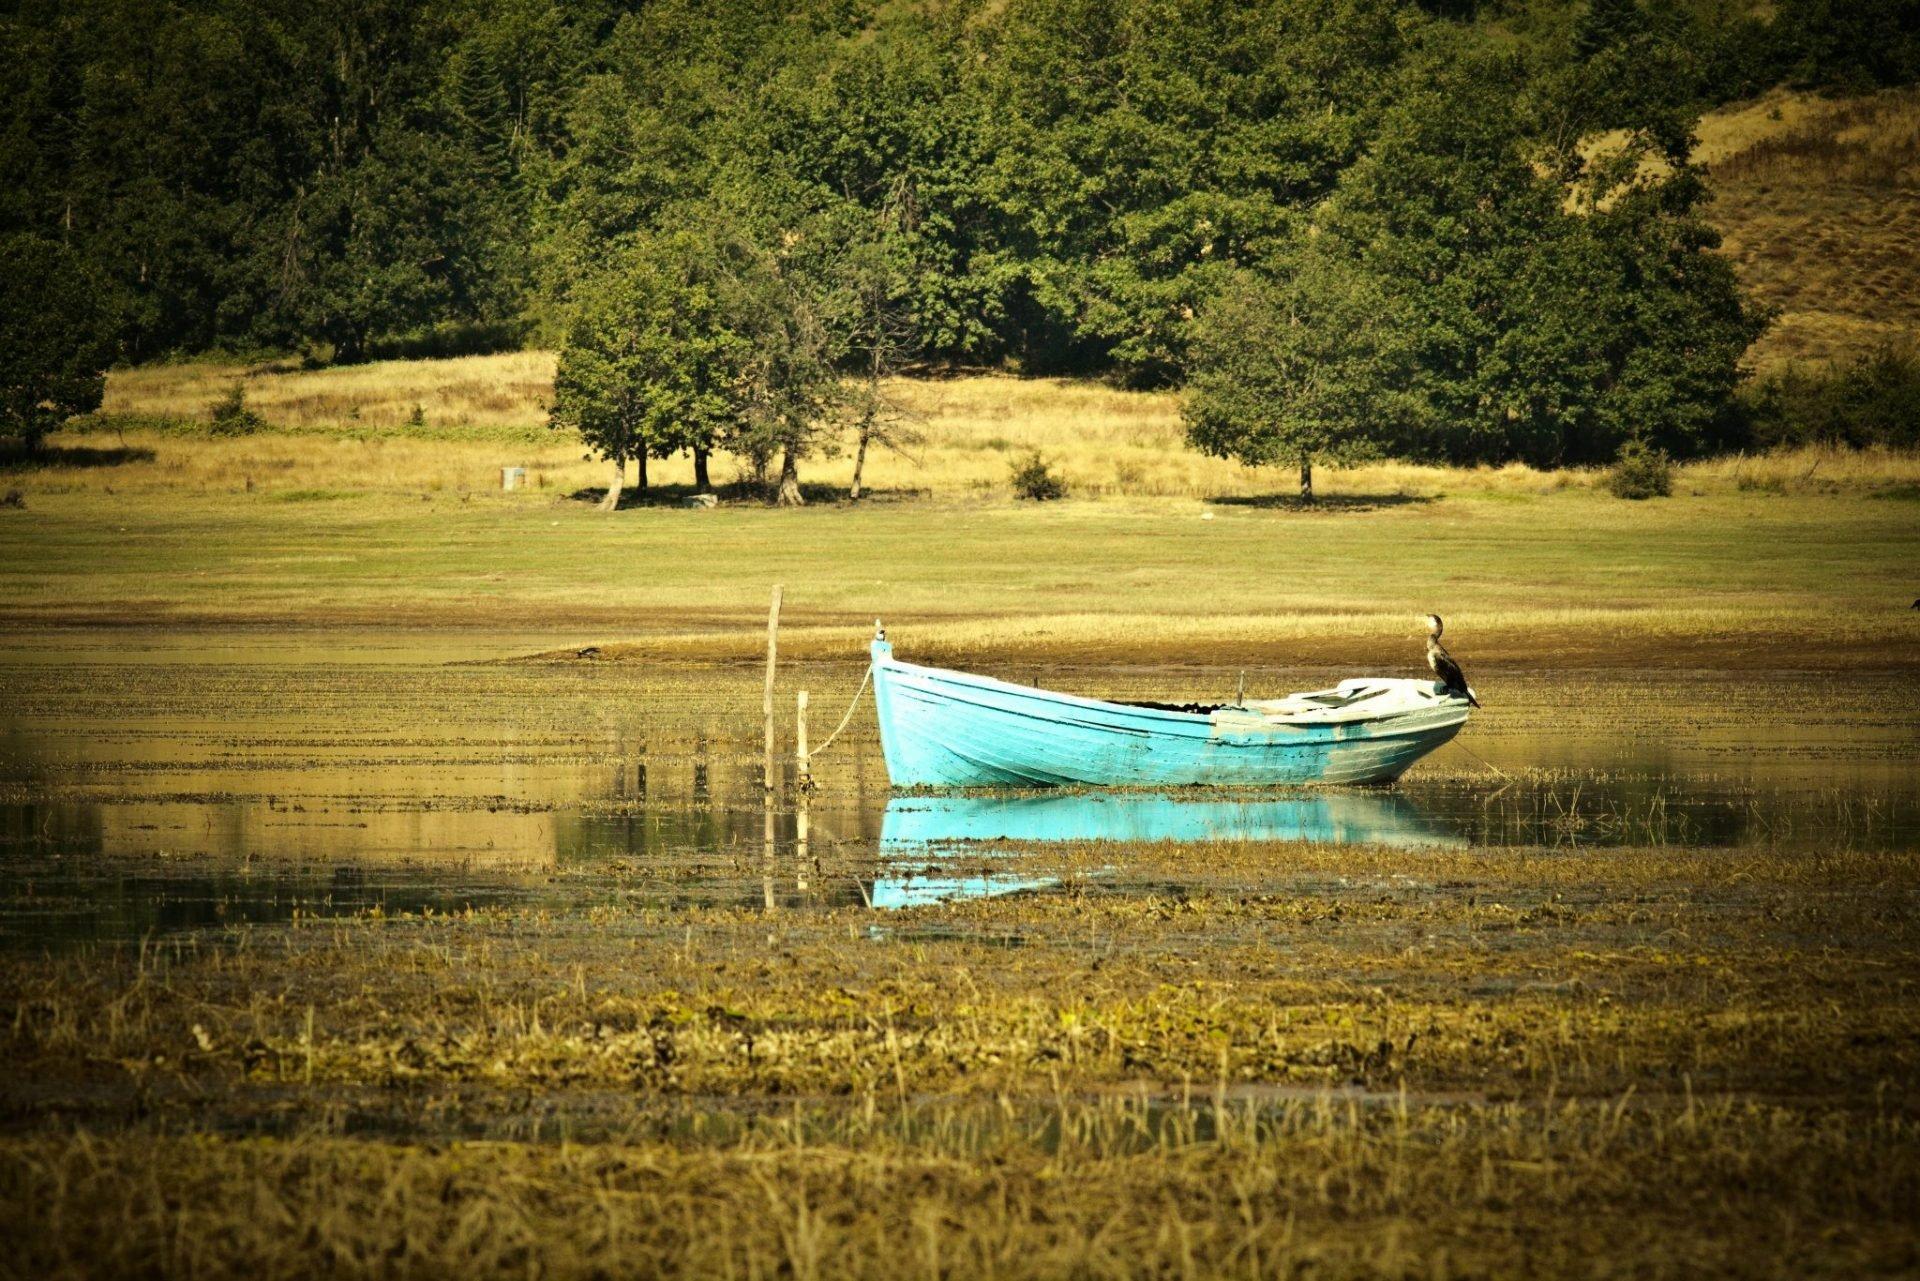 Λίμνη Πλαστήρα και Καστανιά - Ιστορικός Κωστούλας